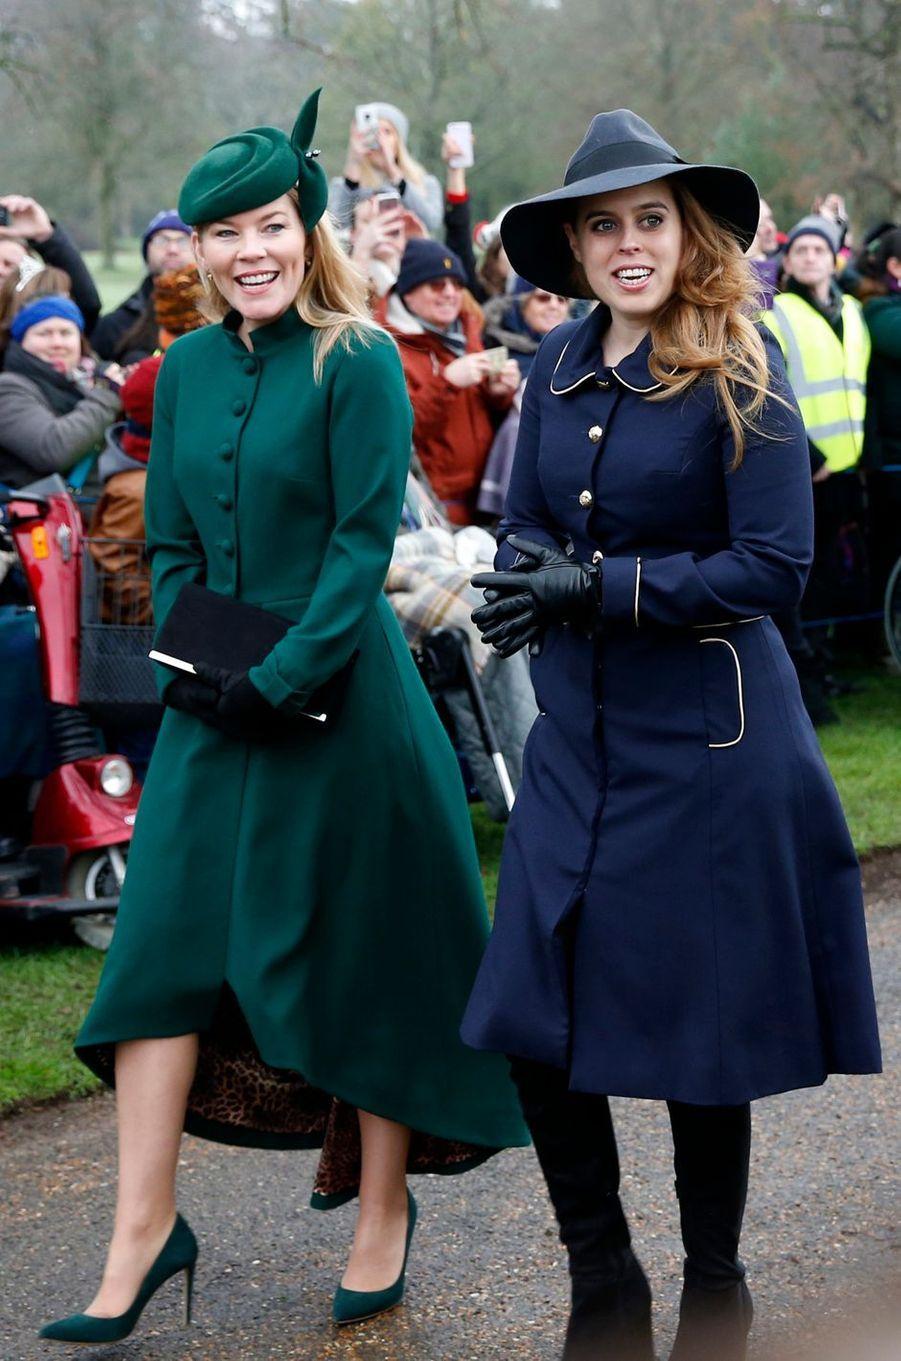 Autumn Phillips et la princesse Beatrice d'York à Sandringham, le 25 décembre 2018